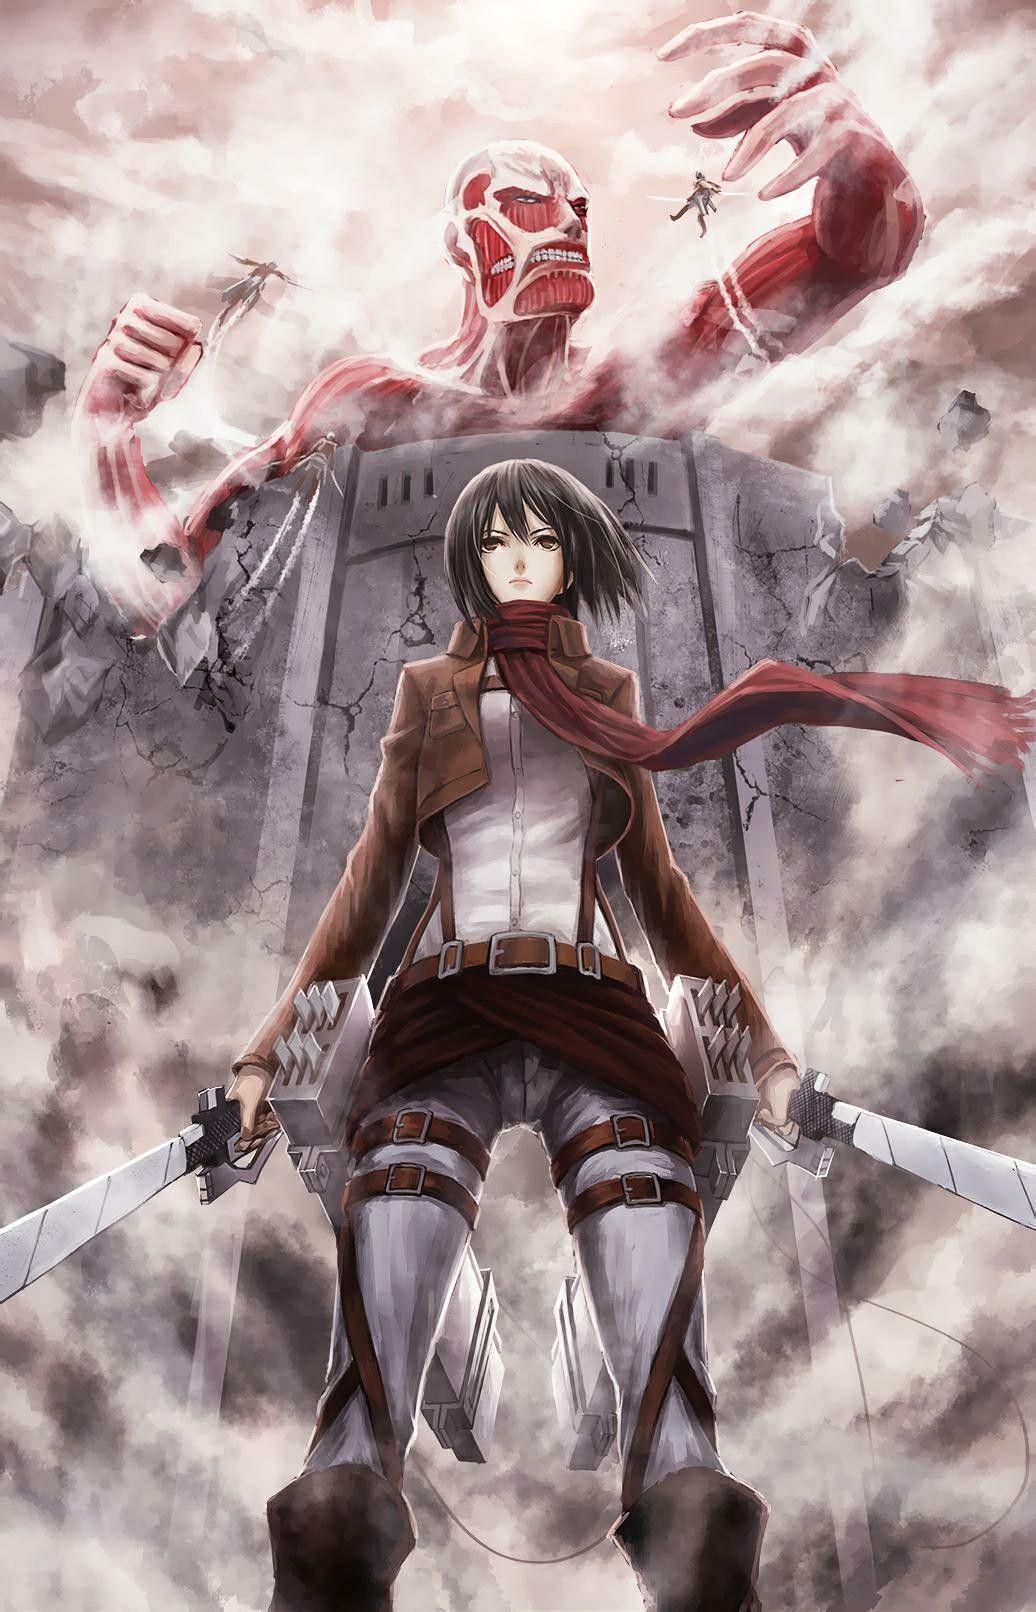 Épinglé par @L€K© sur save | Attaque des titans, Titans et Manga attaque des titans